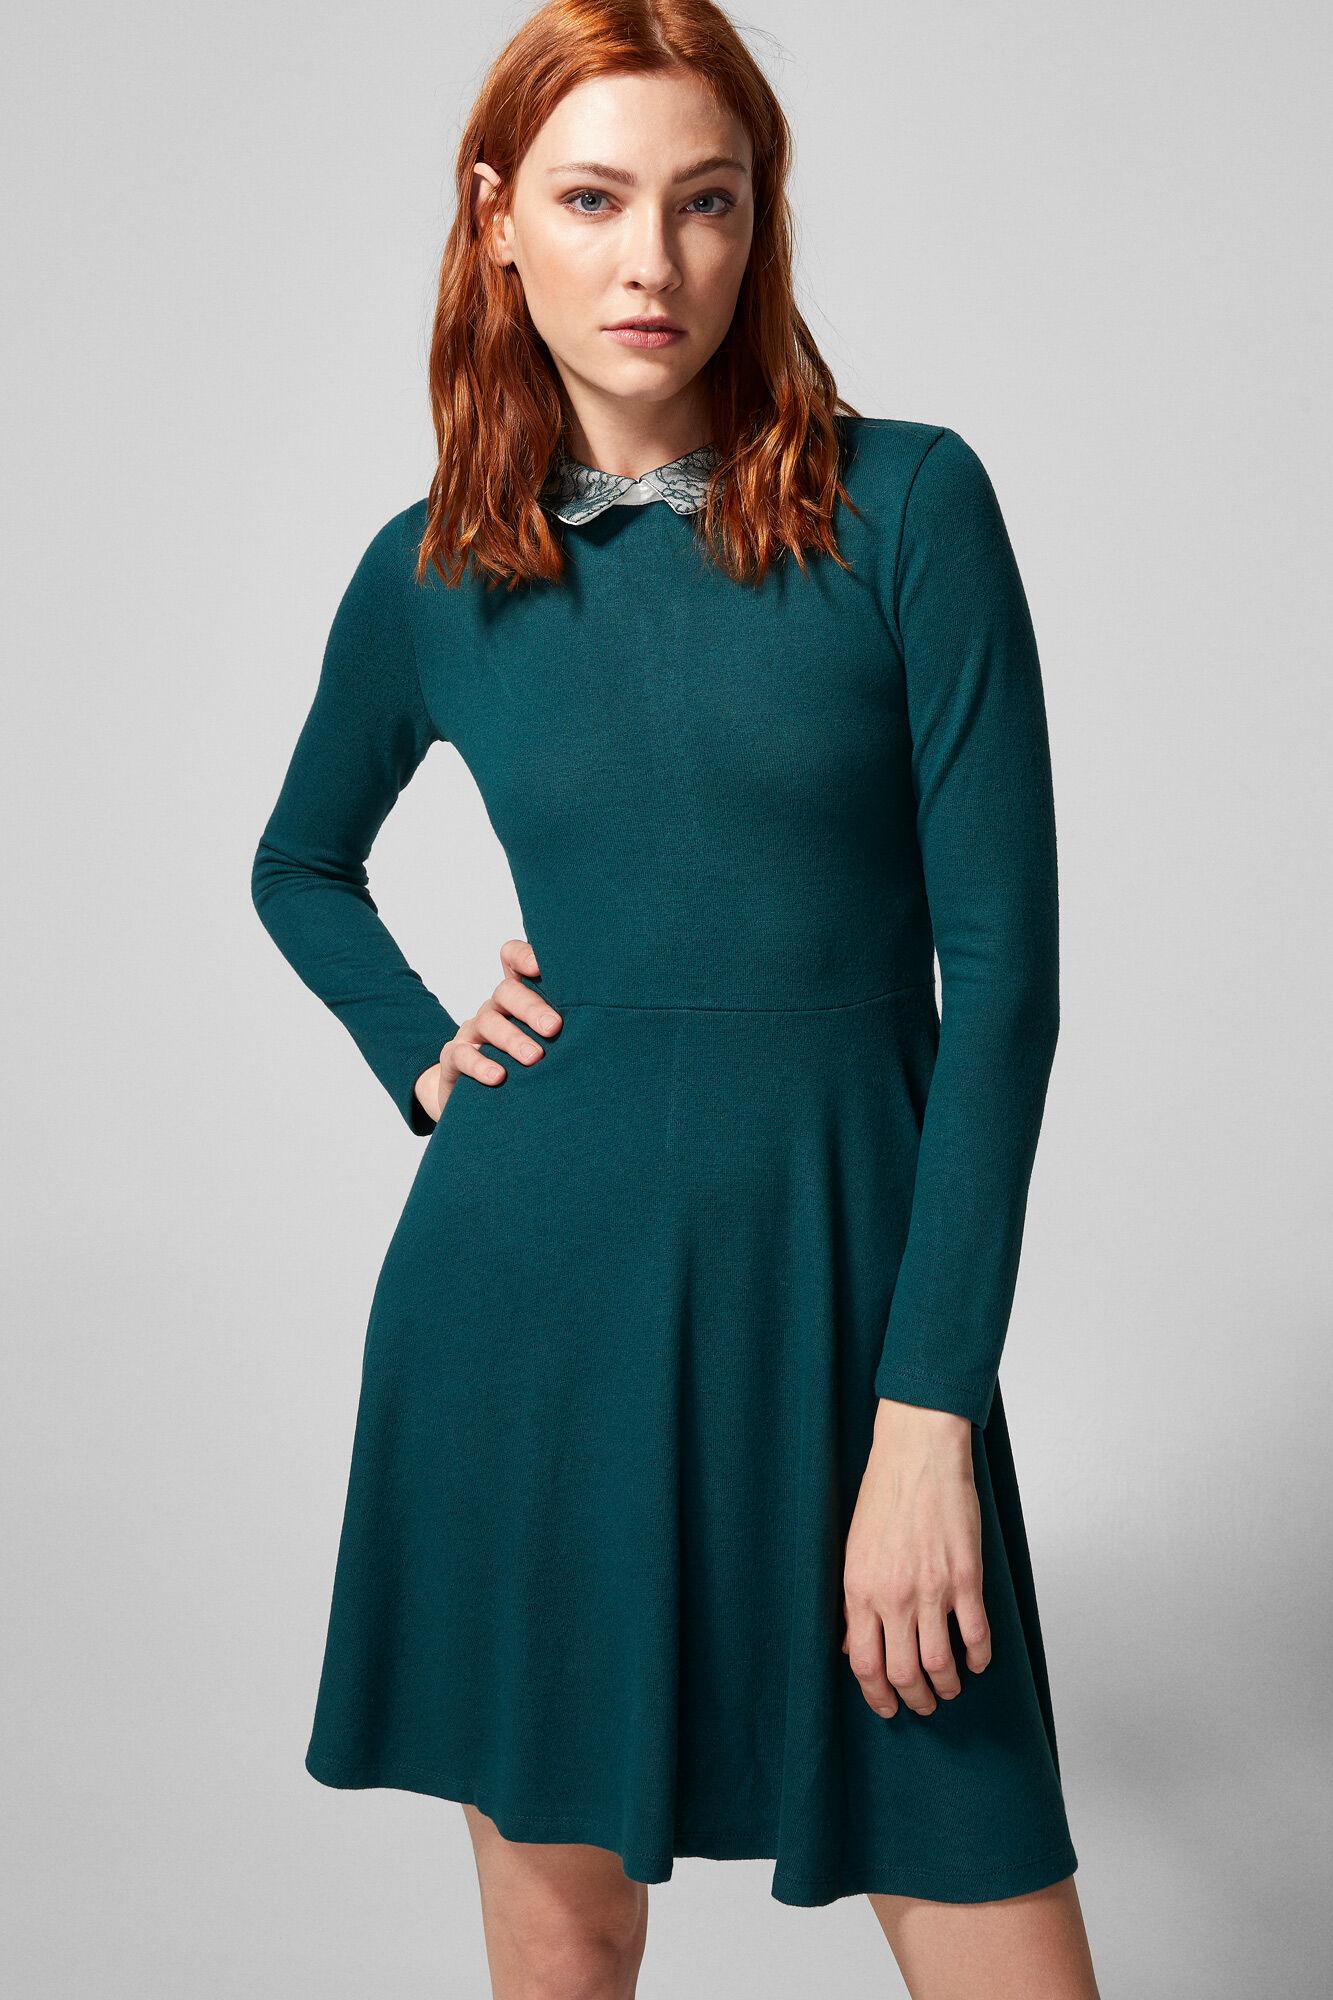 Vestido verde con puntos blancos